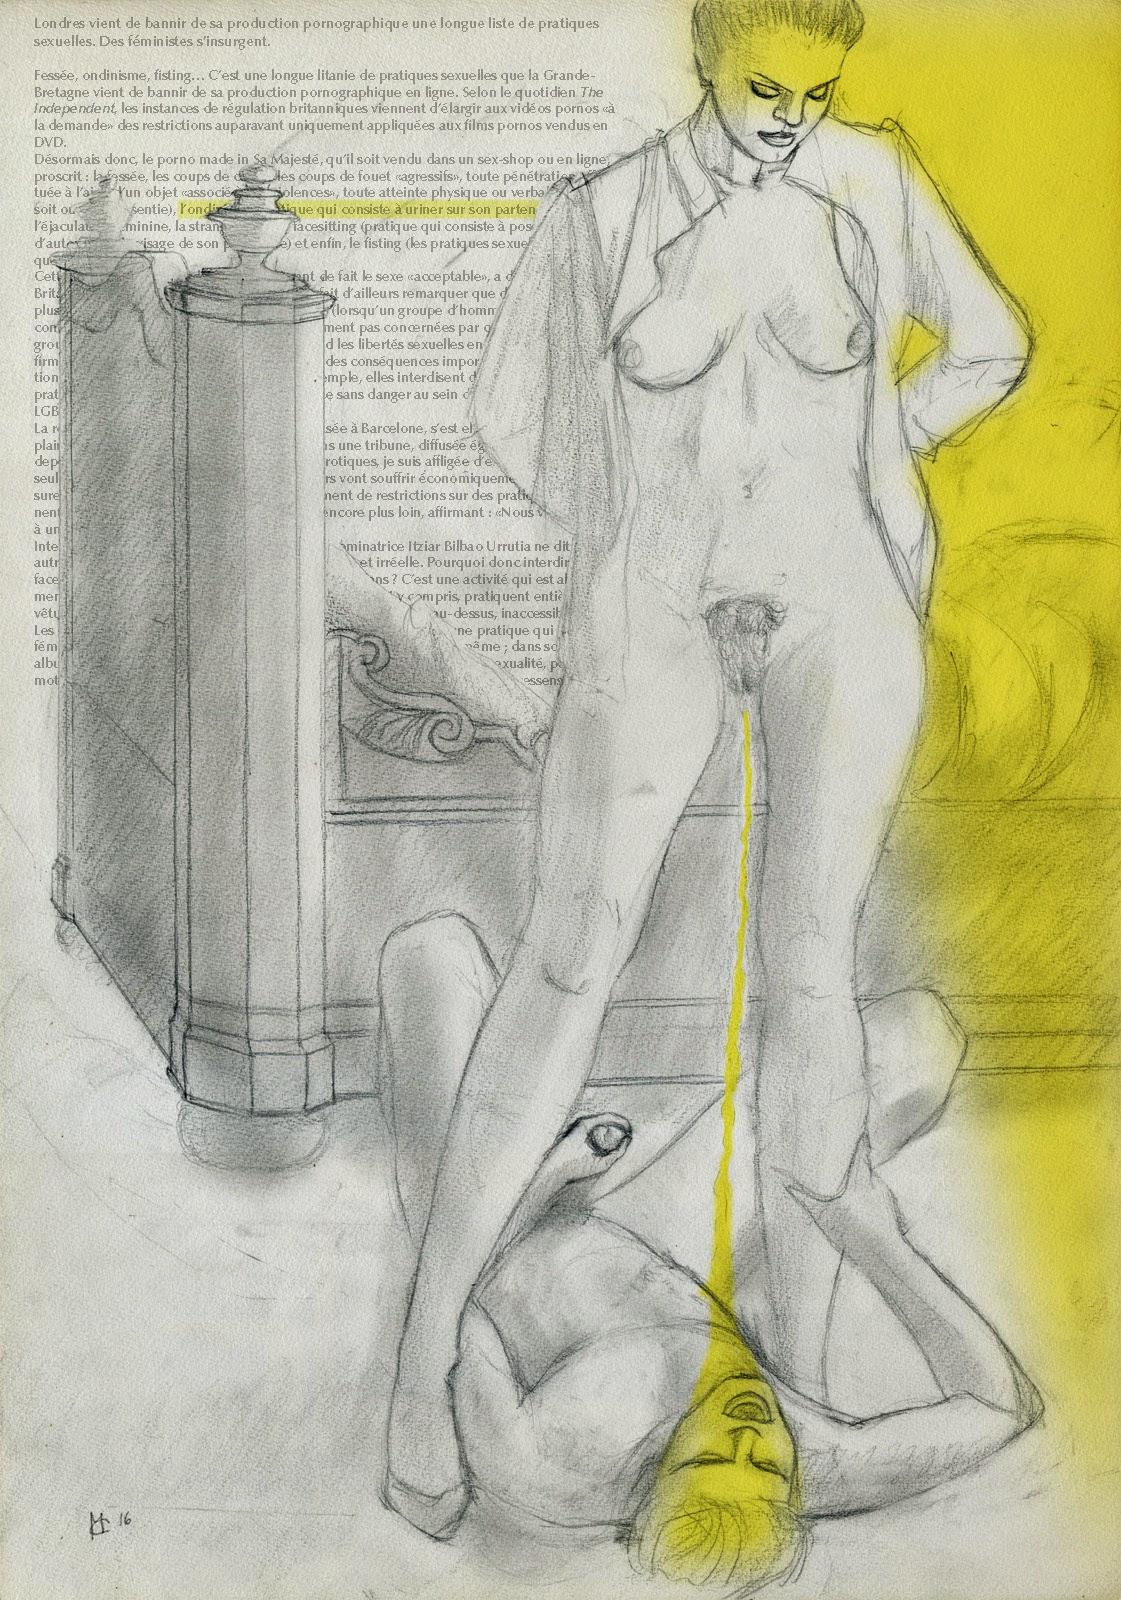 dessin pornographique, pisse, ondinisme, pee